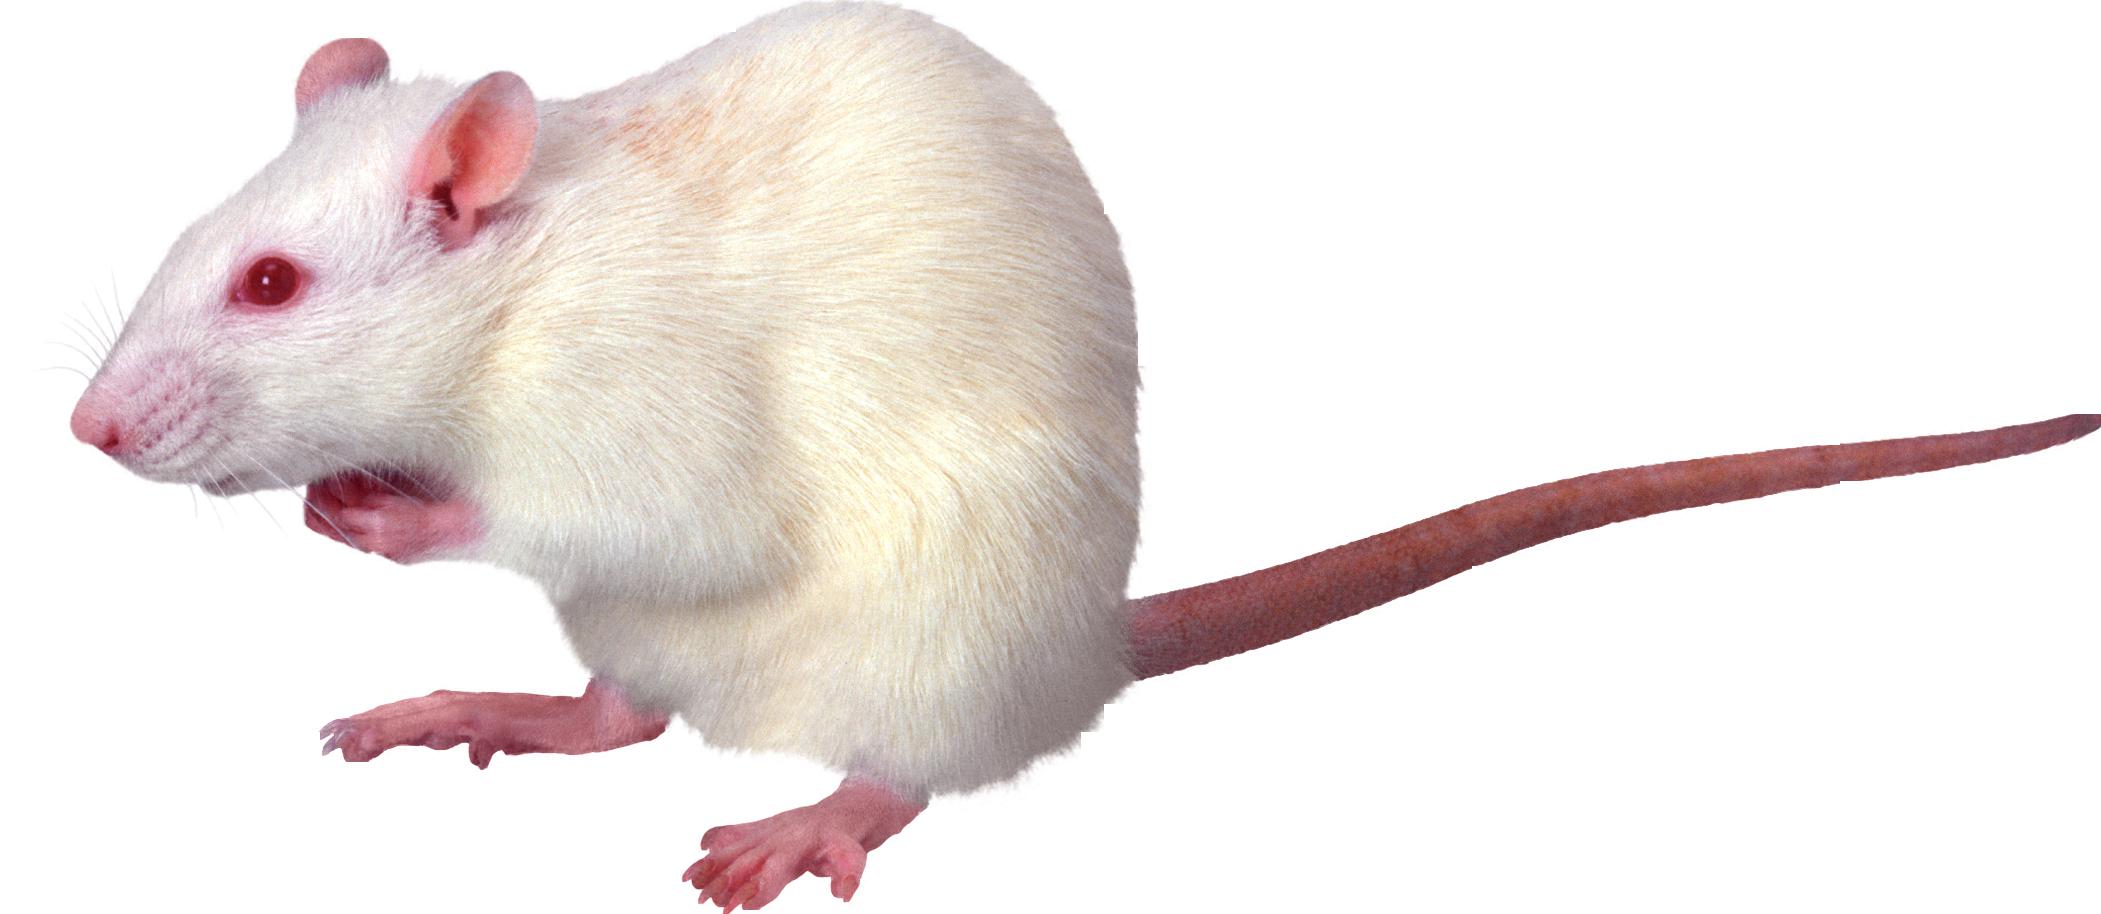 White Rat PNG Image